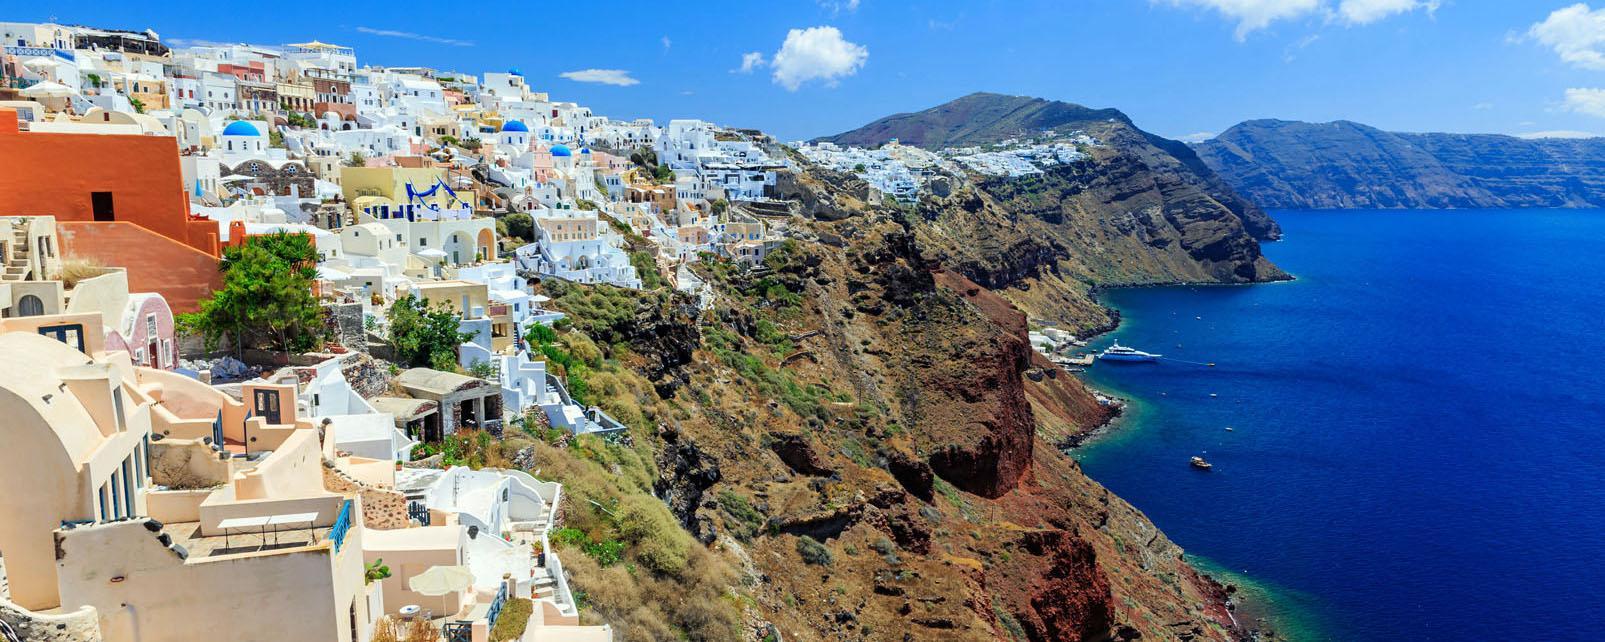 Costumbres grecia las islas grecia easyviajar for Costumbres de grecia